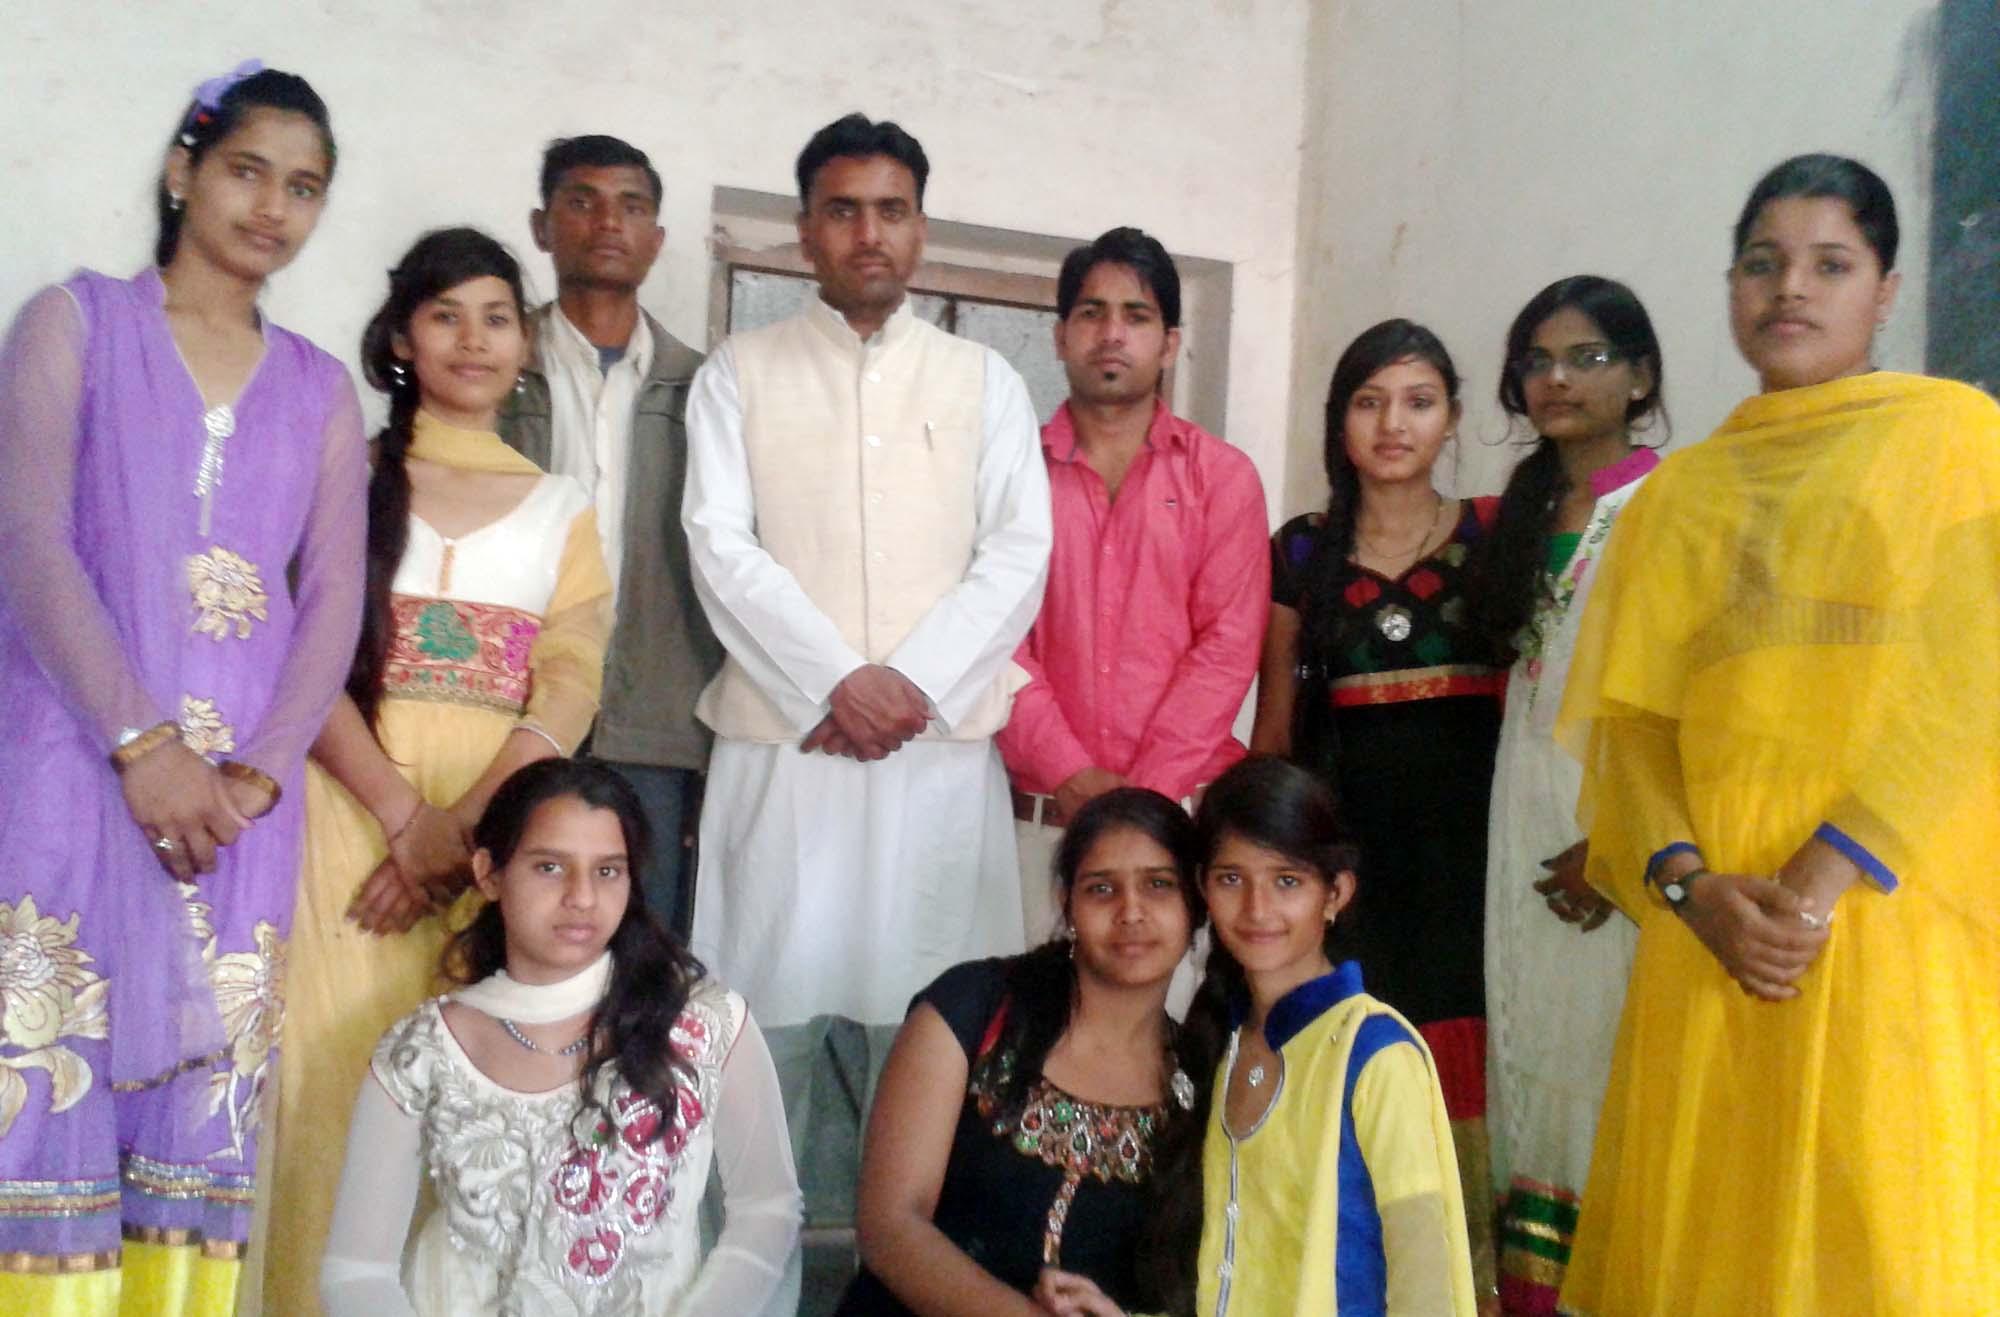 होली धोरा स्थित सुजानगढ़ शिक्षण संस्थान में छात्र-छात्राओं ...